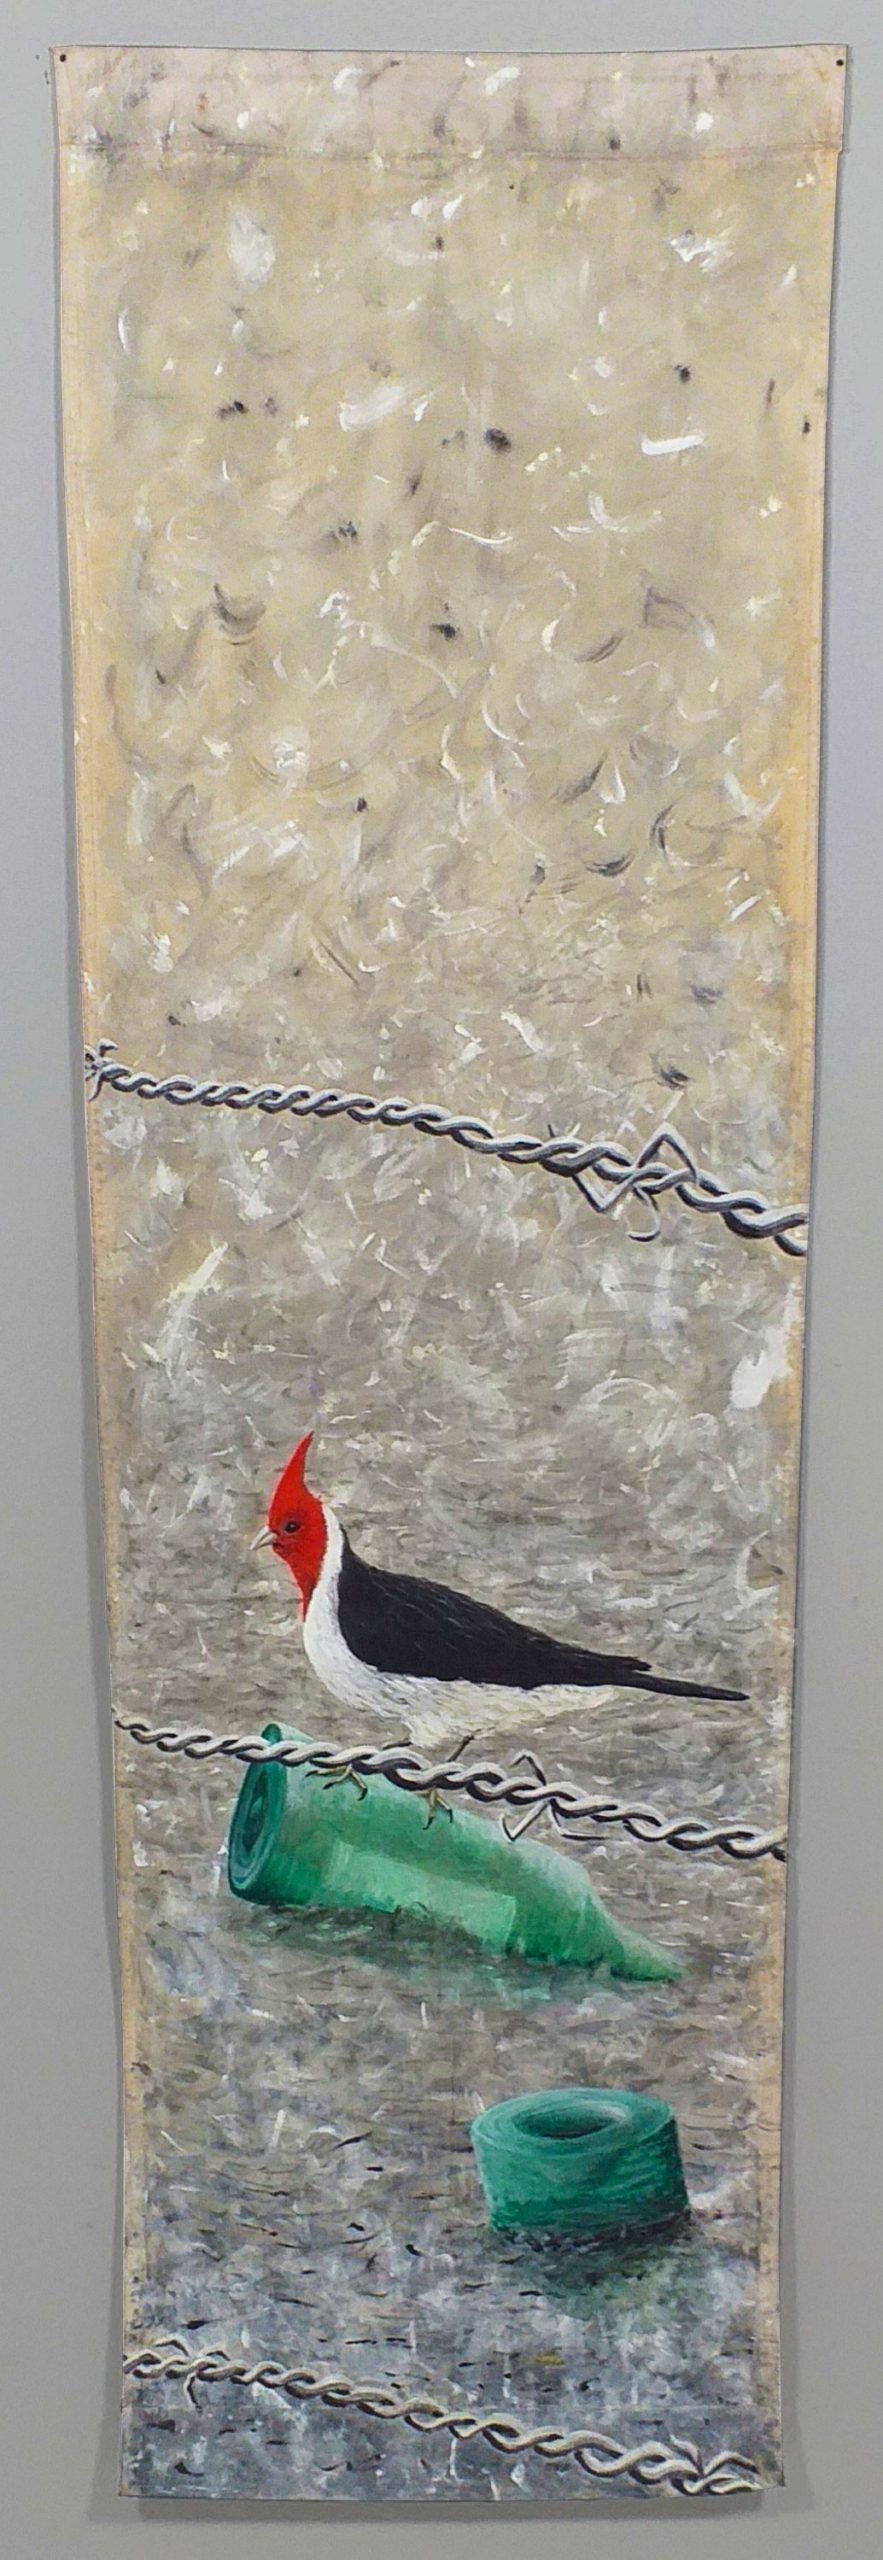 Pintura pájaros obra del artista visual Guillermo del Valle